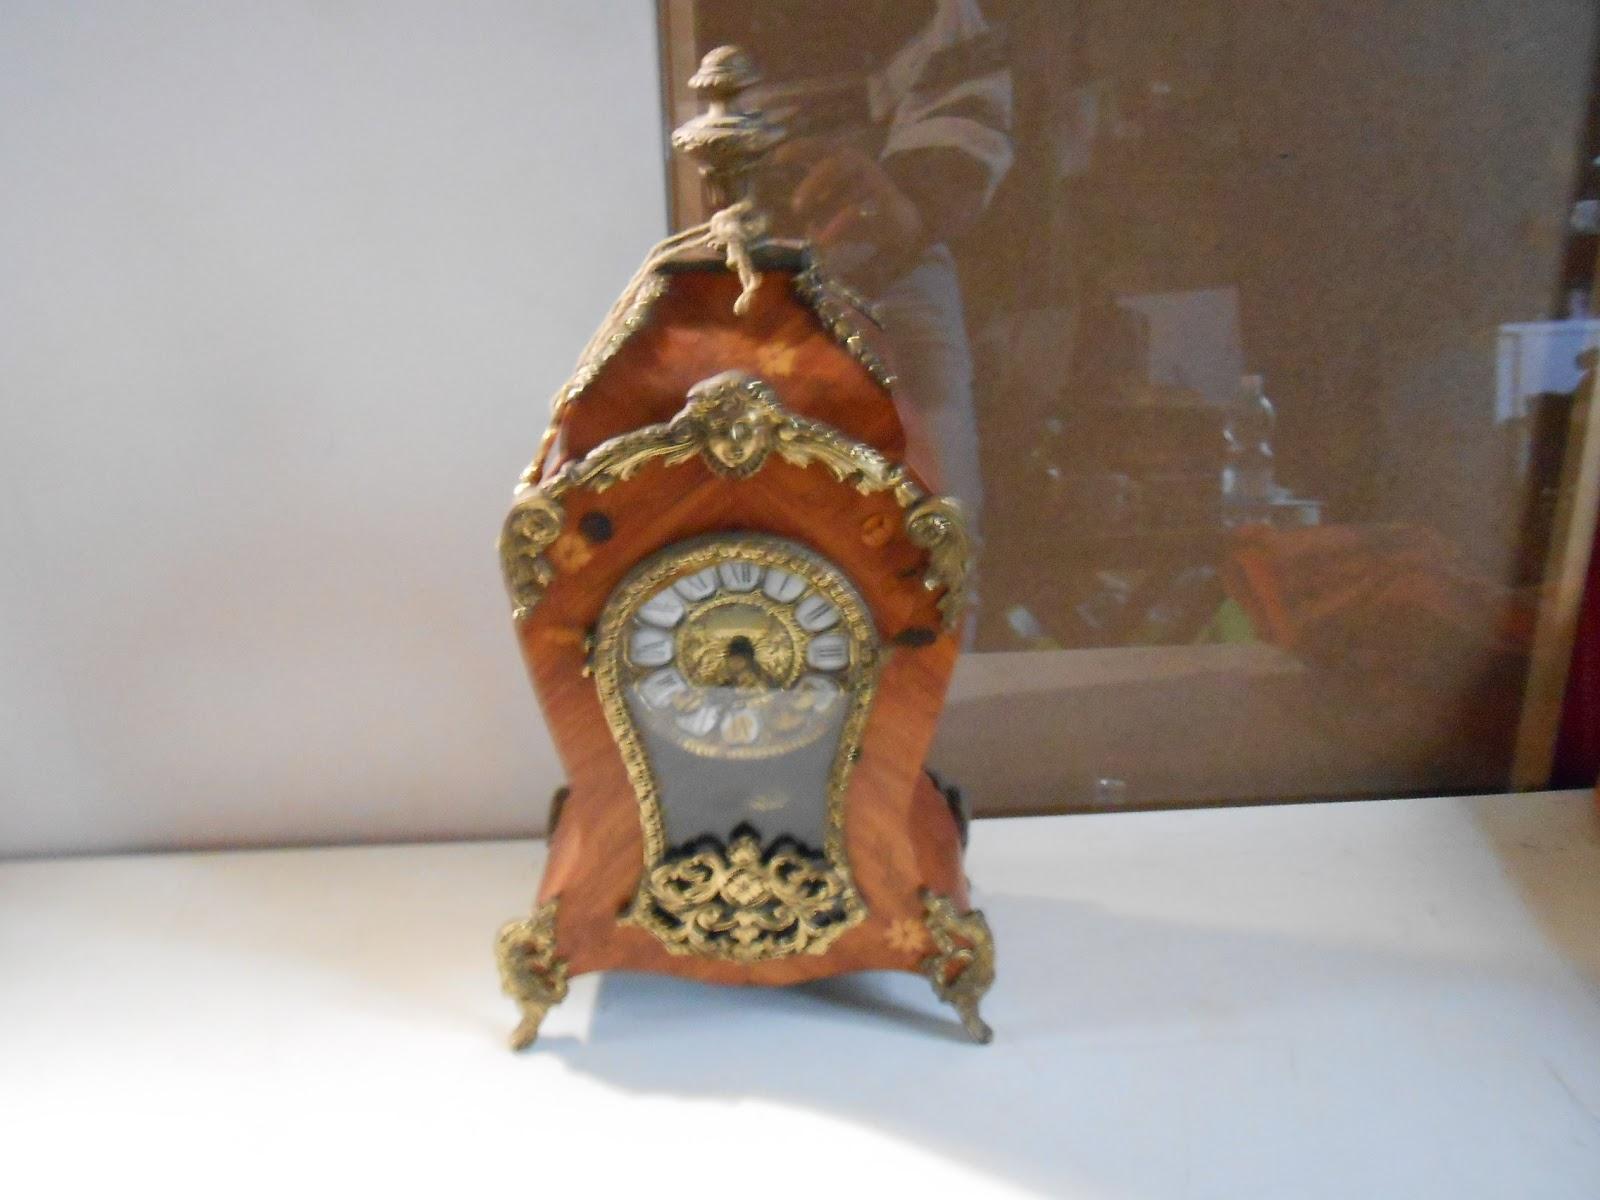 Orologio a pendolo da tavolo ligneo con inserti in bronzo l 39 orologio funzionante per quanto - Orologio a pendolo da tavolo ...